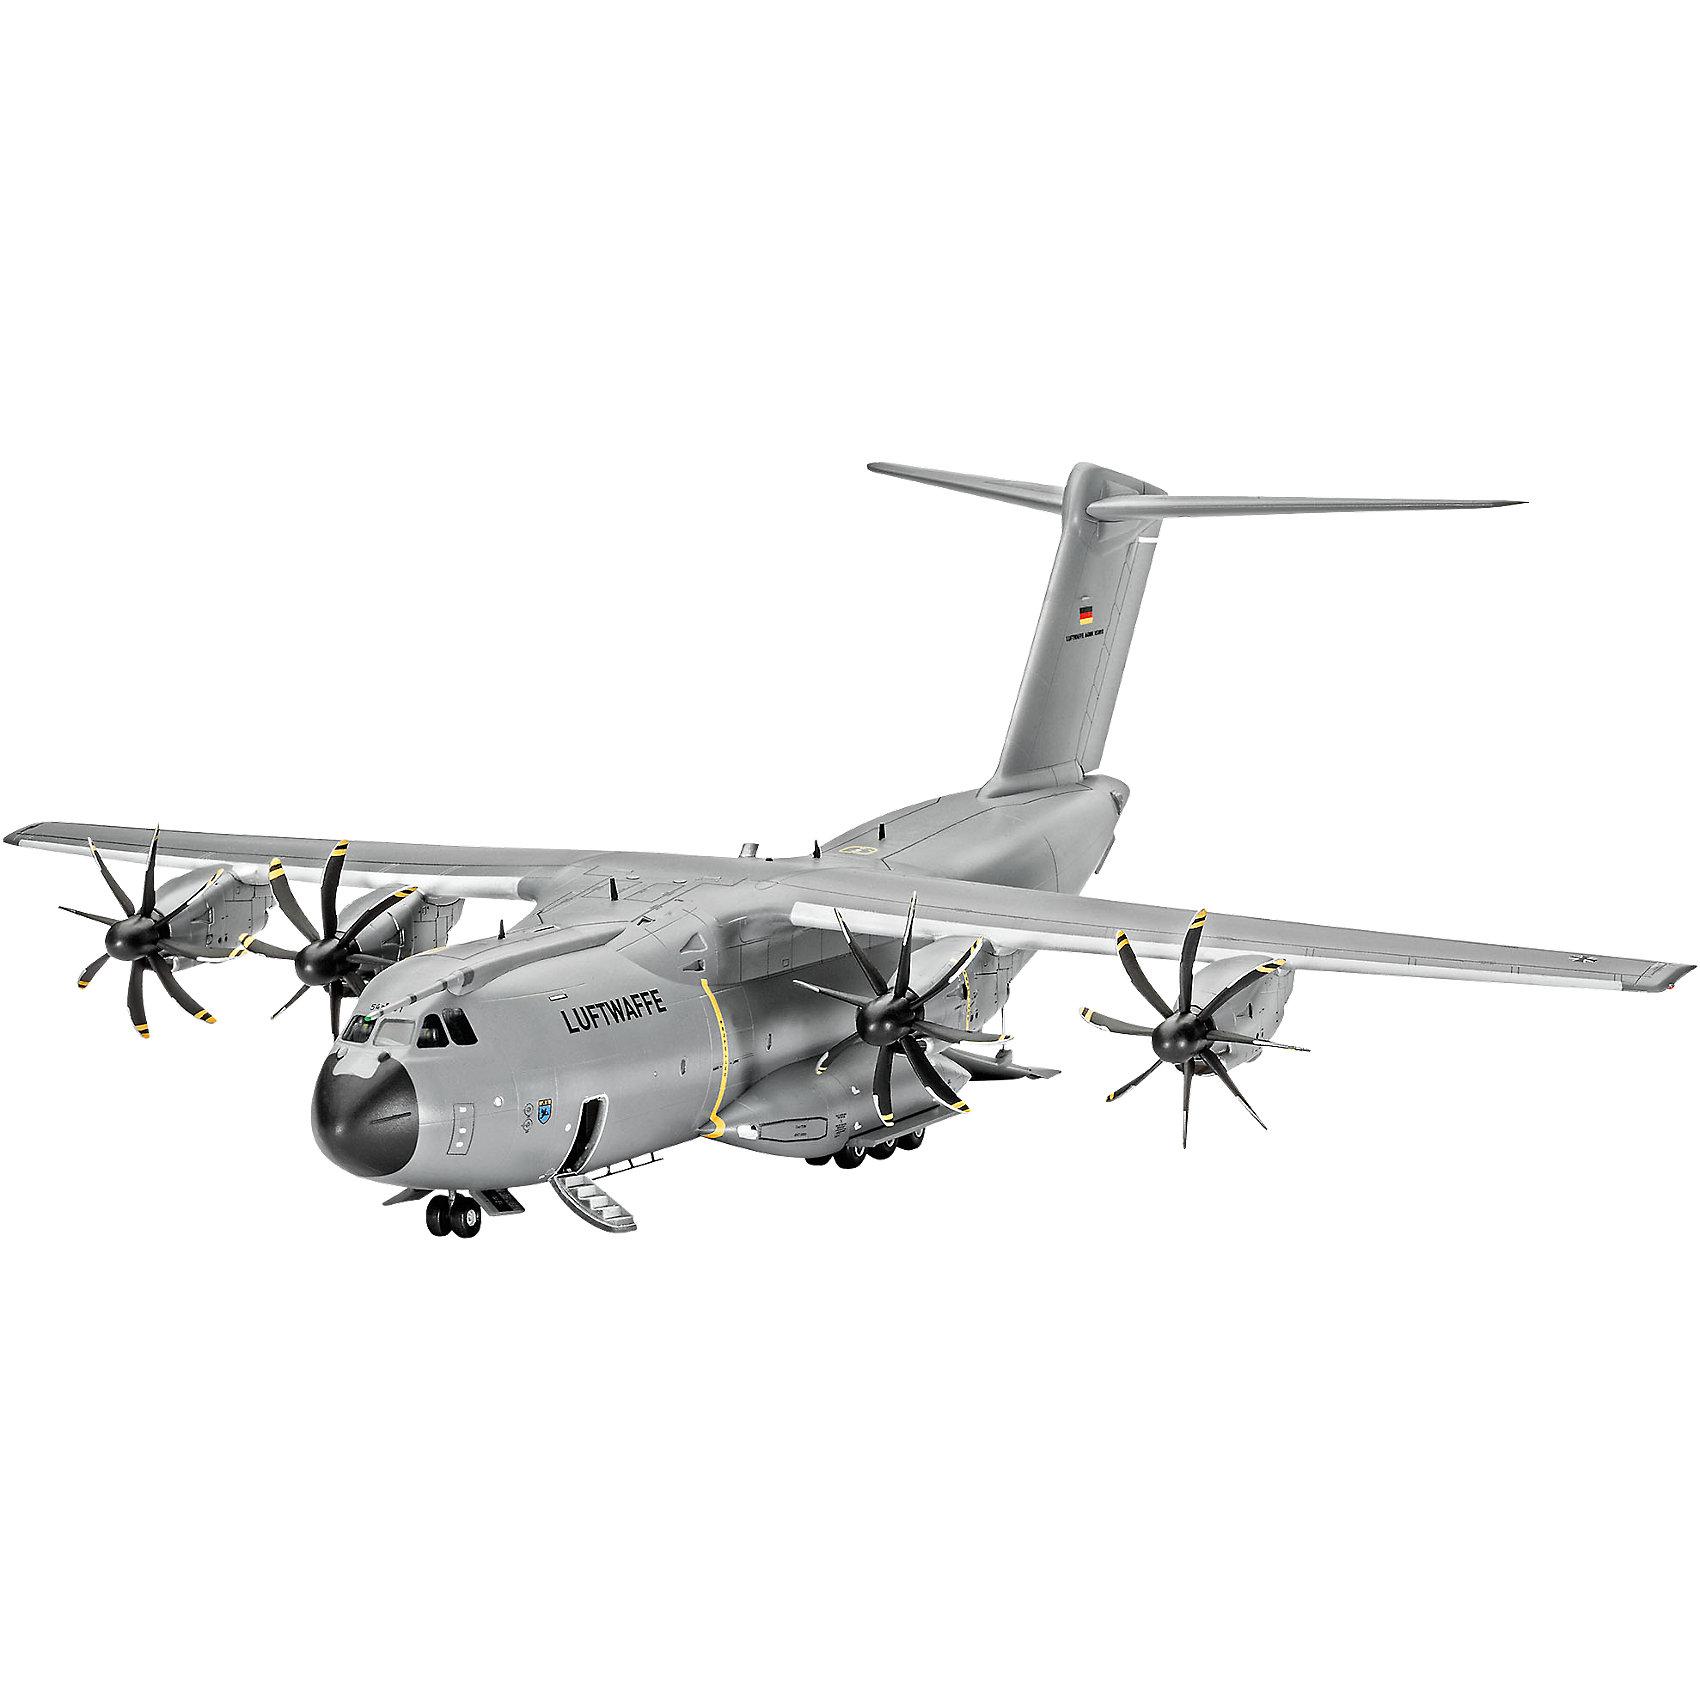 Самолет военно-транспортный Airbus A400 M AtlasМодели для склеивания<br>Характеристики товара:<br><br>• возраст: от 10 лет;<br>• цвет: белый;<br>• масштаб: 1:44;<br>• количество деталей: 120 шт;<br>• материал: пластик; <br>• клей и краски в комплект не входят;<br>• длина модели: 31,3 см;<br>• размах крыльев: 29,4 см;<br>• бренд, страна бренда: Revell (Ревел), Германия;<br>• страна-изготовитель: Корея.<br><br>Сборная модель «Самолет военно-транспортный Airbus A400 M Atlas» поможет вам и вашему ребенку собрать точную копию реального военно-транспортного самолета, выполненную в масштабе 1:44 из высококачественного пластика.<br><br>Самолет A400M был разработан относительно недавно, стоимость проекта превысила 20 млрд евро. На начало 2008 года был запланирован его первый полет, однако его неоднократно переносили, и он состоялся только в декабре 2009 года. Главные задачи самолета: переброска войск, а также грузов.<br><br>В комплект набора для склеивания и раскрашивания входит 120 пластиковых деталей, а также подробная иллюстрирована инструкция. Обращаем ваше внимание на тот факт, что для сборки этой модели клей и краски в комплект не входят. <br><br>Моделирование — это очень увлекательное и полезное занятие, которое по достоинству оценят не только дети, но и взрослые, увлекающиеся военной техникой. Сборка моделей поможет ребенку развить воображение, мелкую моторику ручек и логическое мышление.<br><br>Сборную модель «Самолет военно-транспортный Airbus A400 M Atlas», 120 дет., Revell (Ревел) можно купить в нашем интернет-магазине.<br><br>Ширина мм: 540<br>Глубина мм: 210<br>Высота мм: 73<br>Вес г: 557<br>Возраст от месяцев: 144<br>Возраст до месяцев: 192<br>Пол: Мужской<br>Возраст: Детский<br>SKU: 4125566